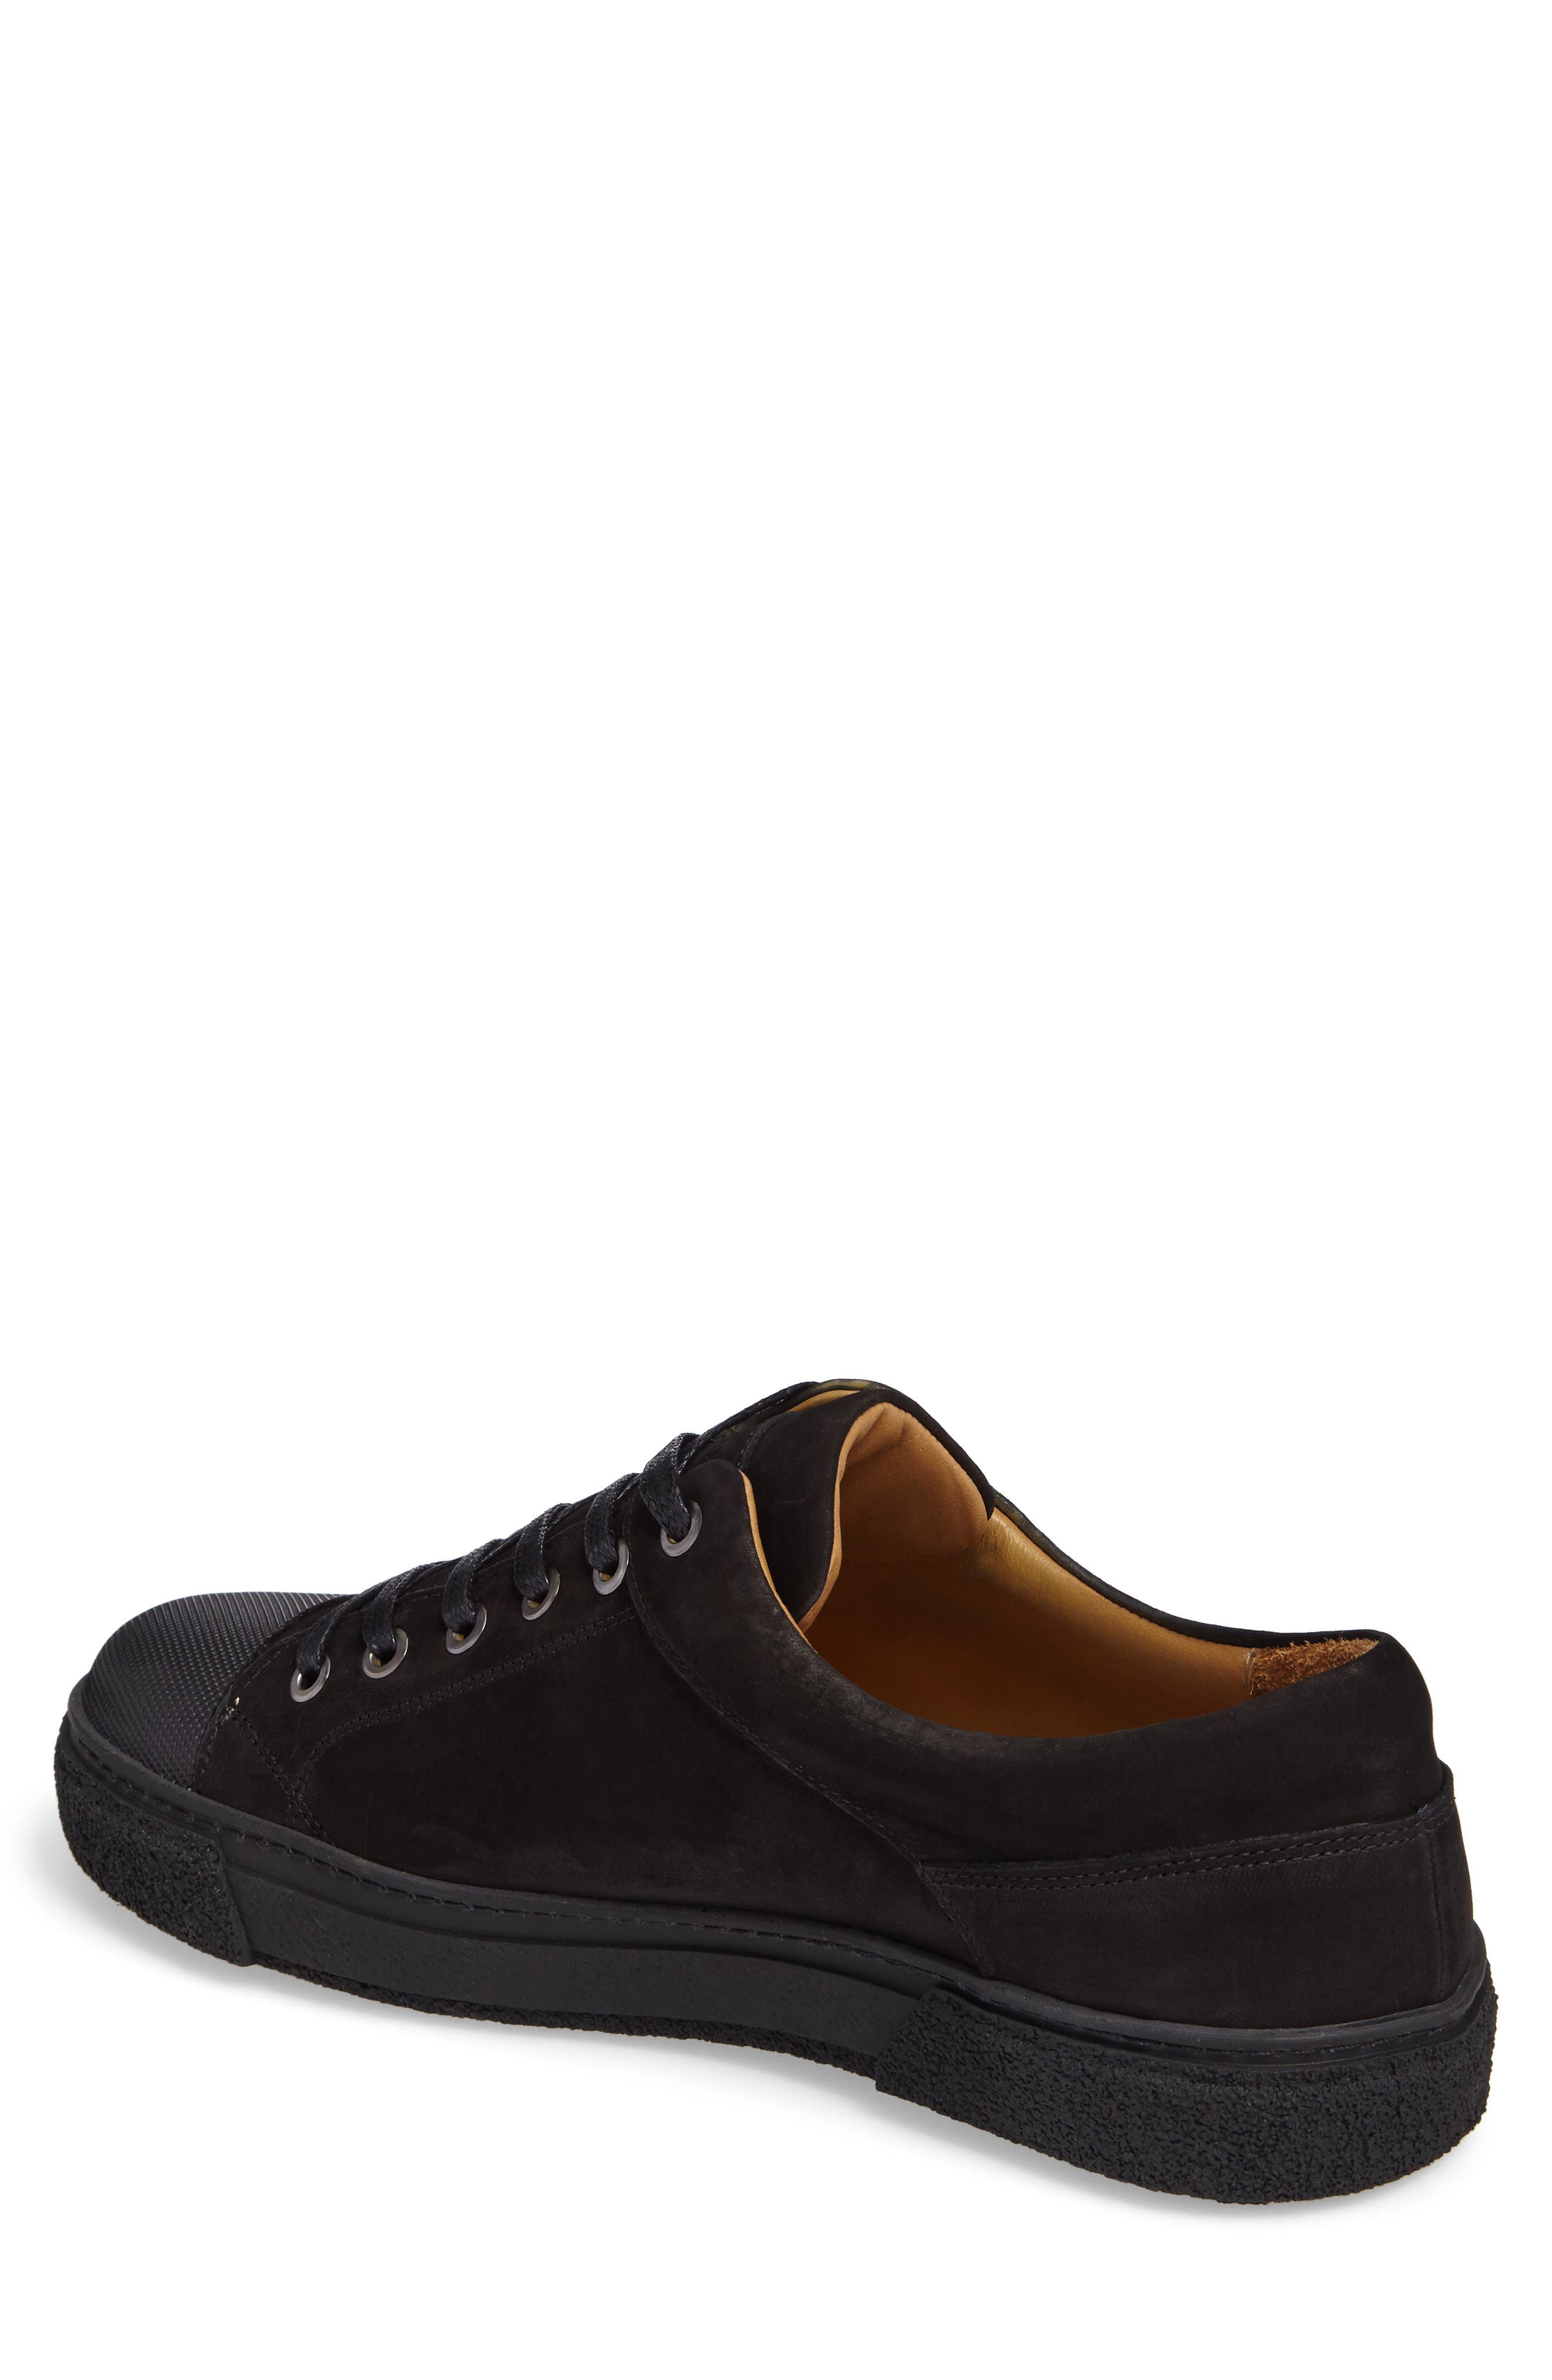 Wallsem Sneaker,                             Alternate thumbnail 2, color,                             001